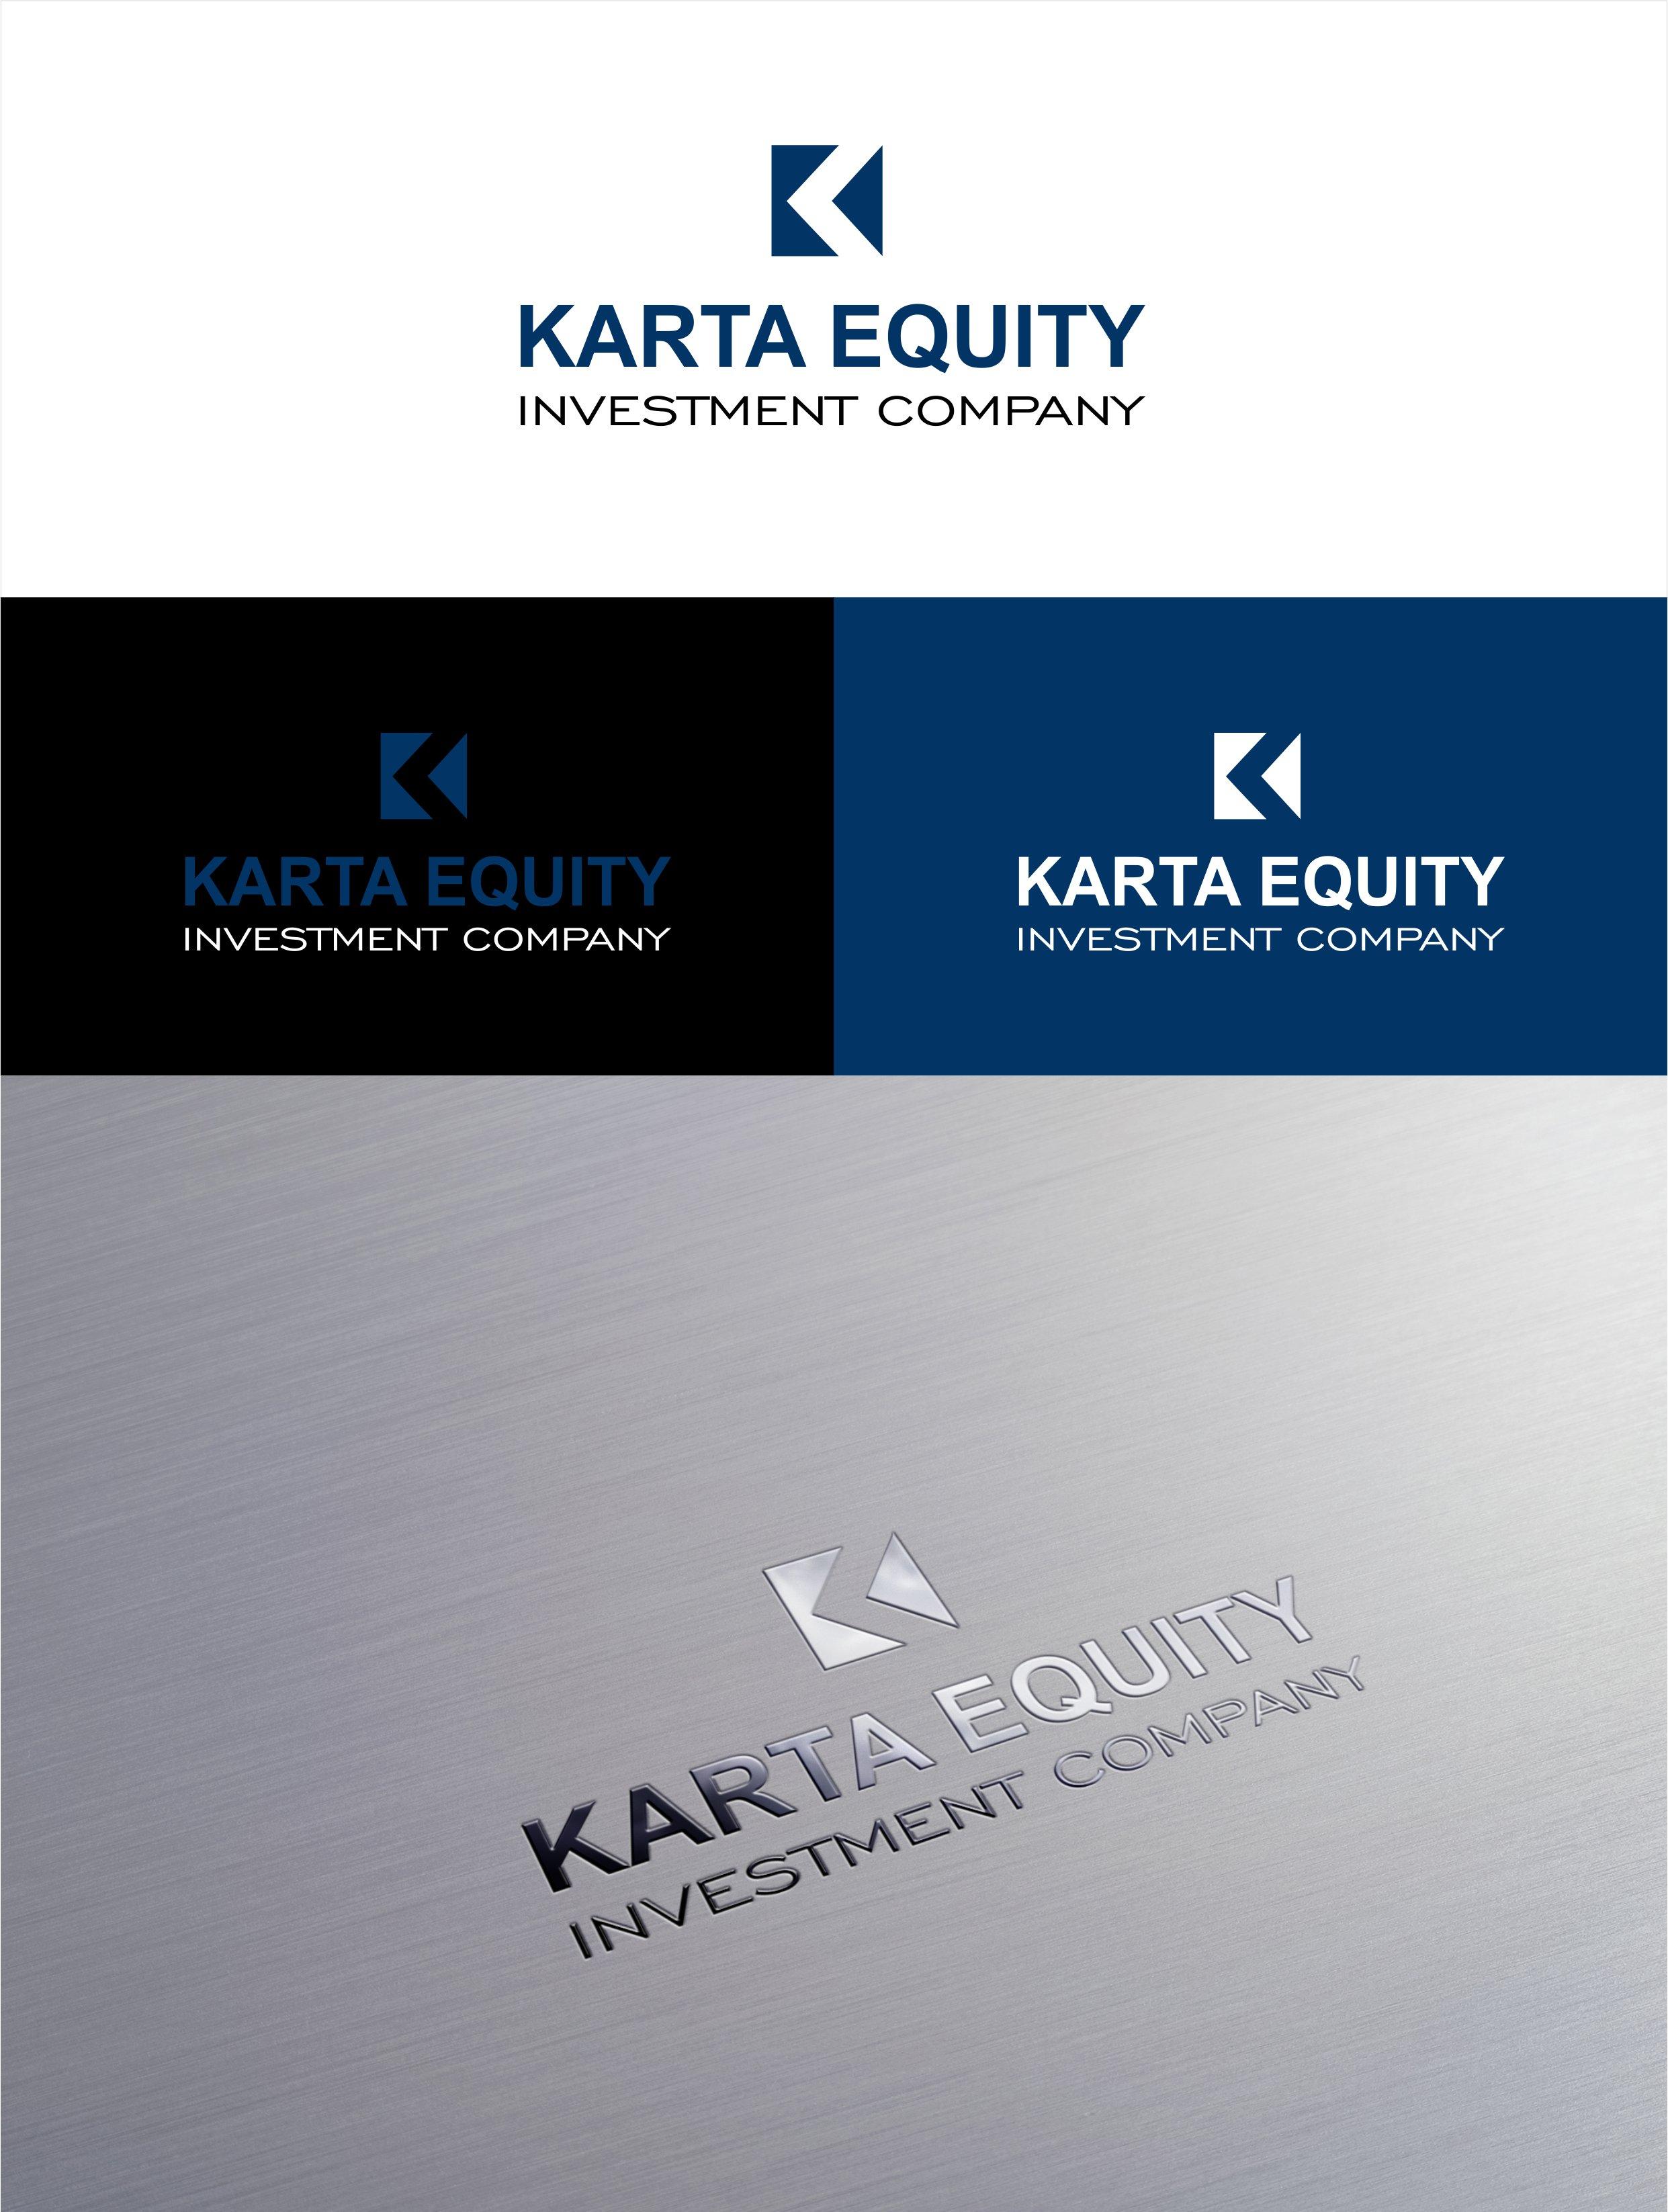 Логотип для компании инвестироваюшей в жилую недвижимость фото f_7195e1b678ec871e.jpg